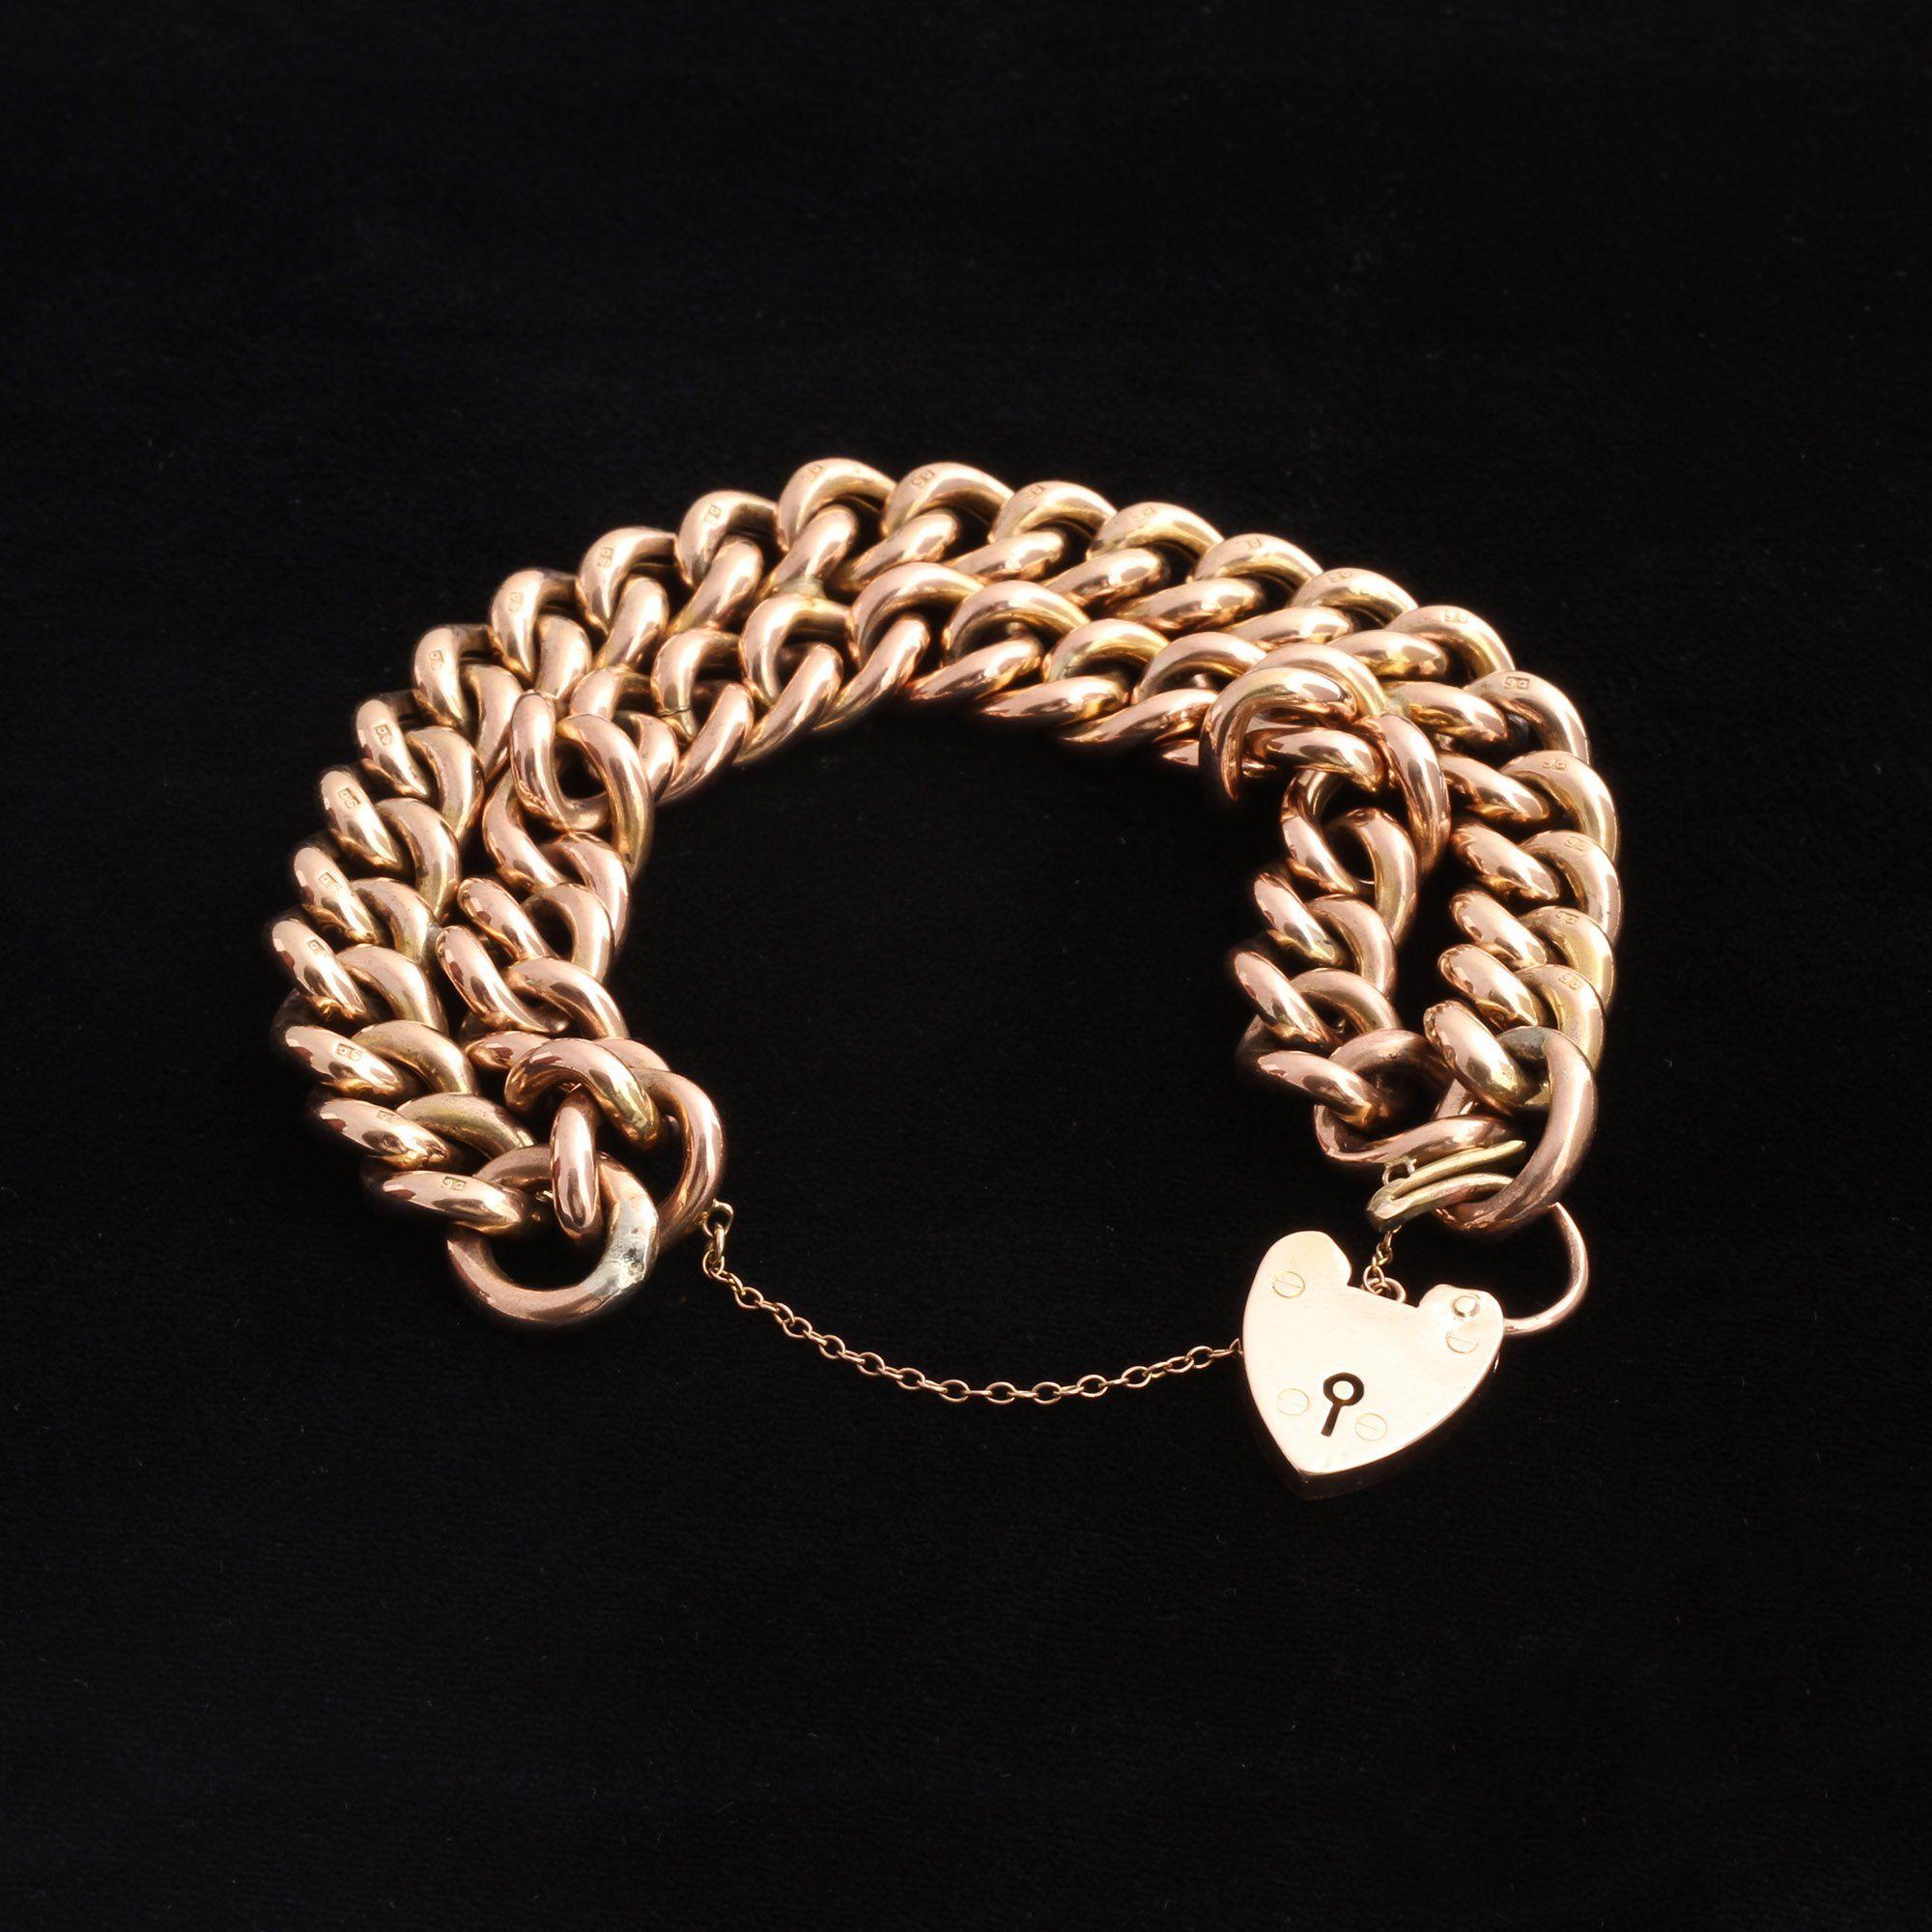 Edwardian Double Chain & Heart Padlock Bracelet